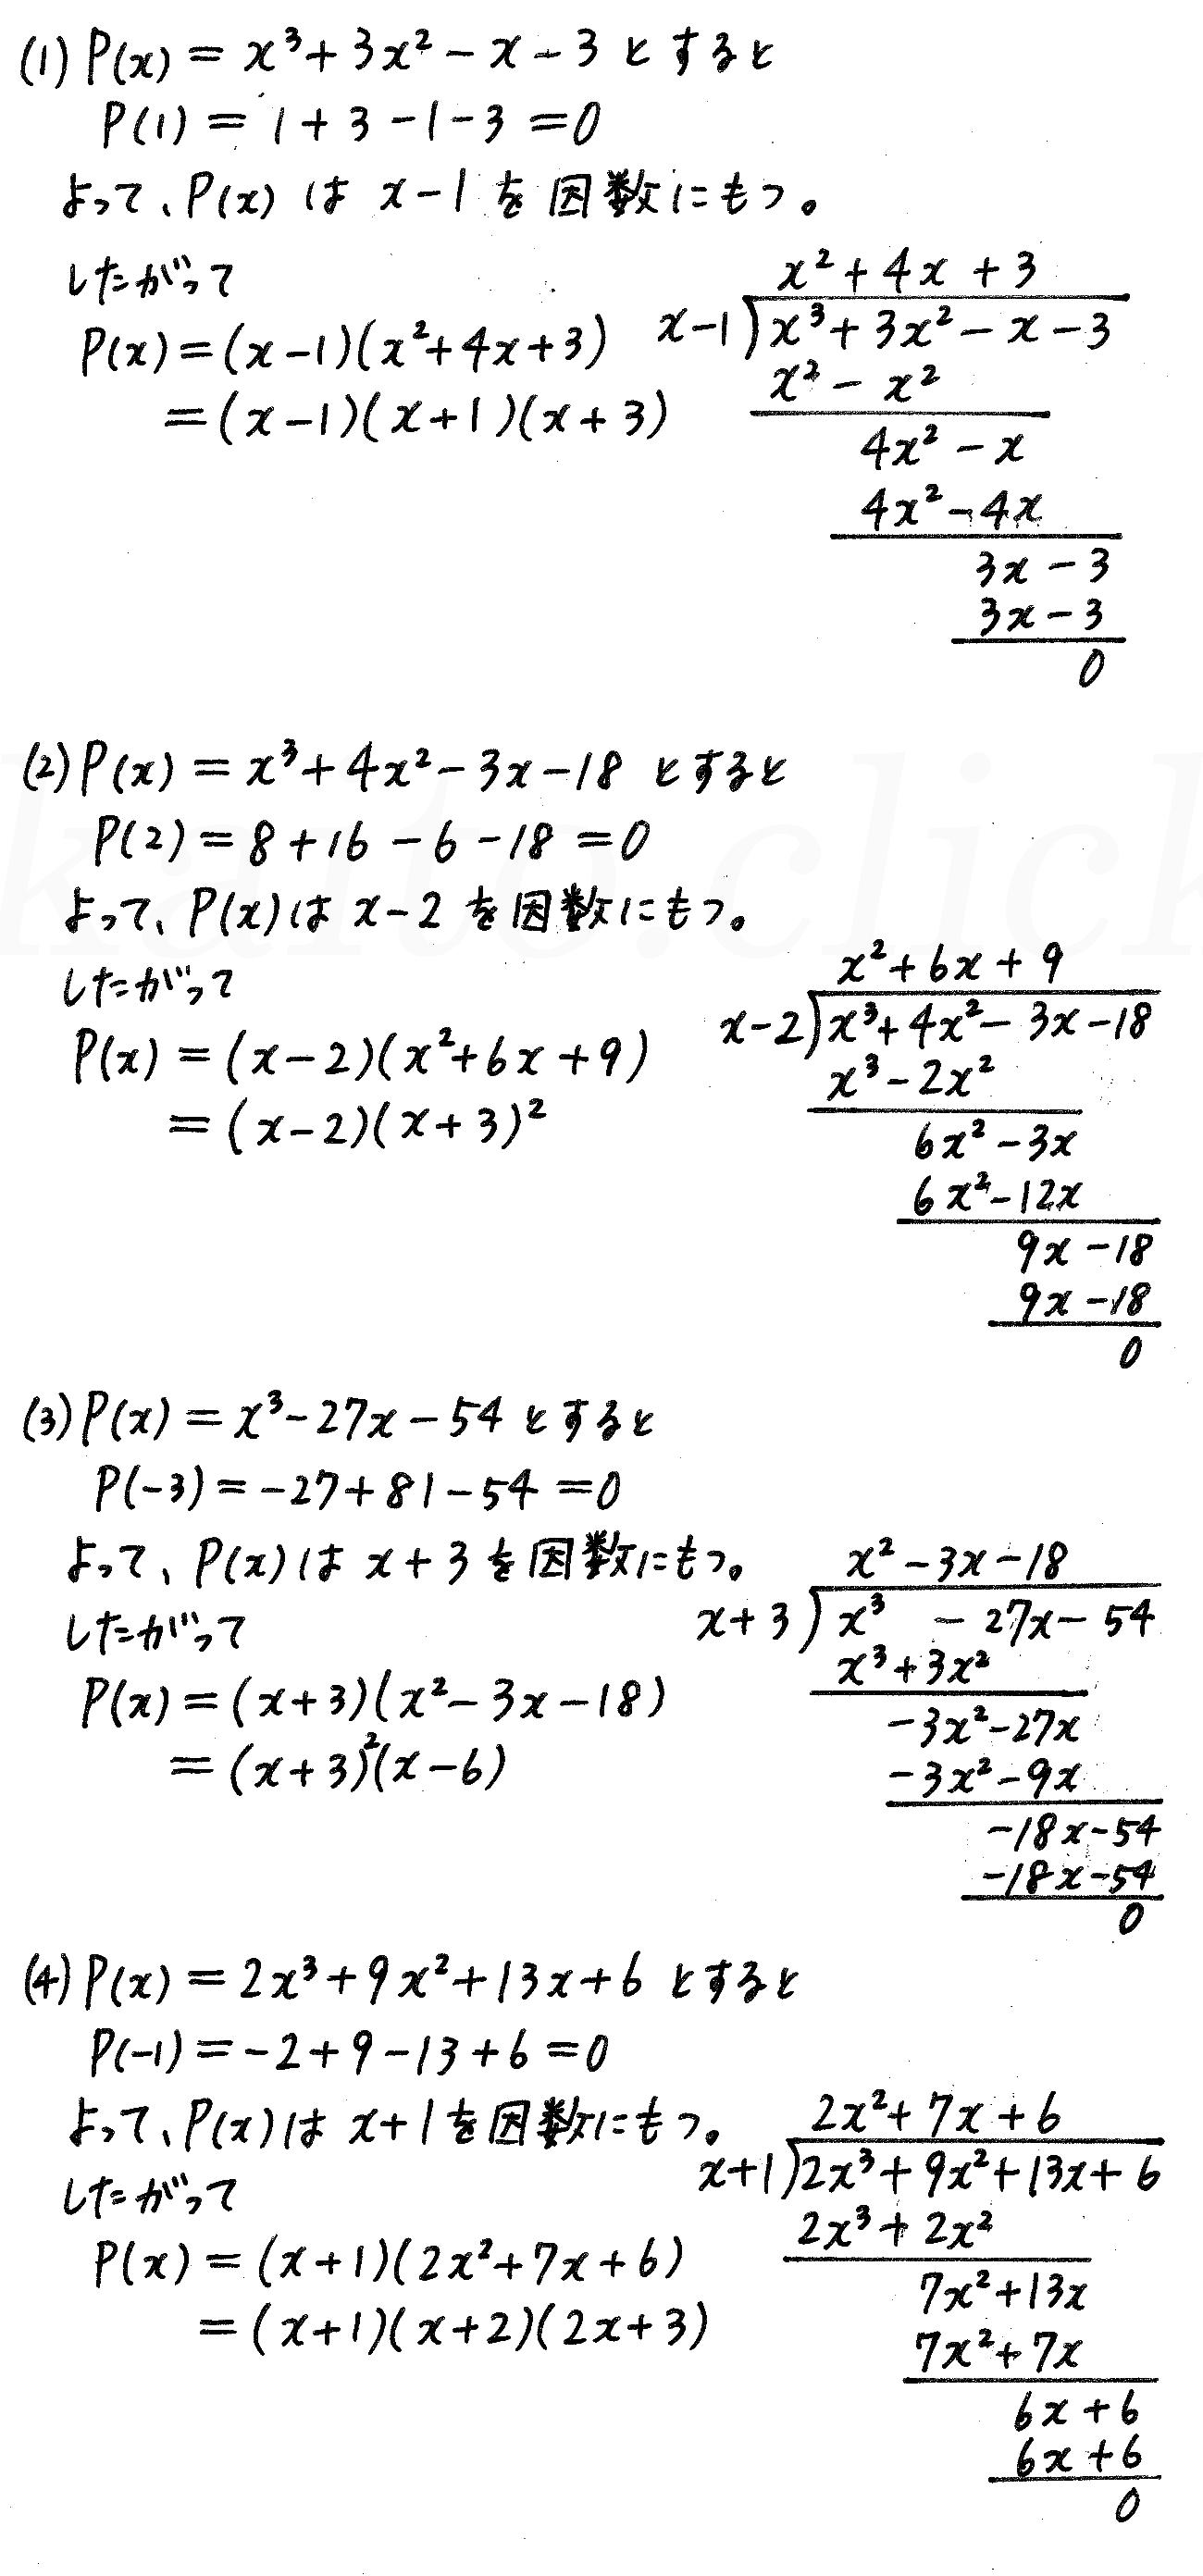 4STEP数学2-124解答